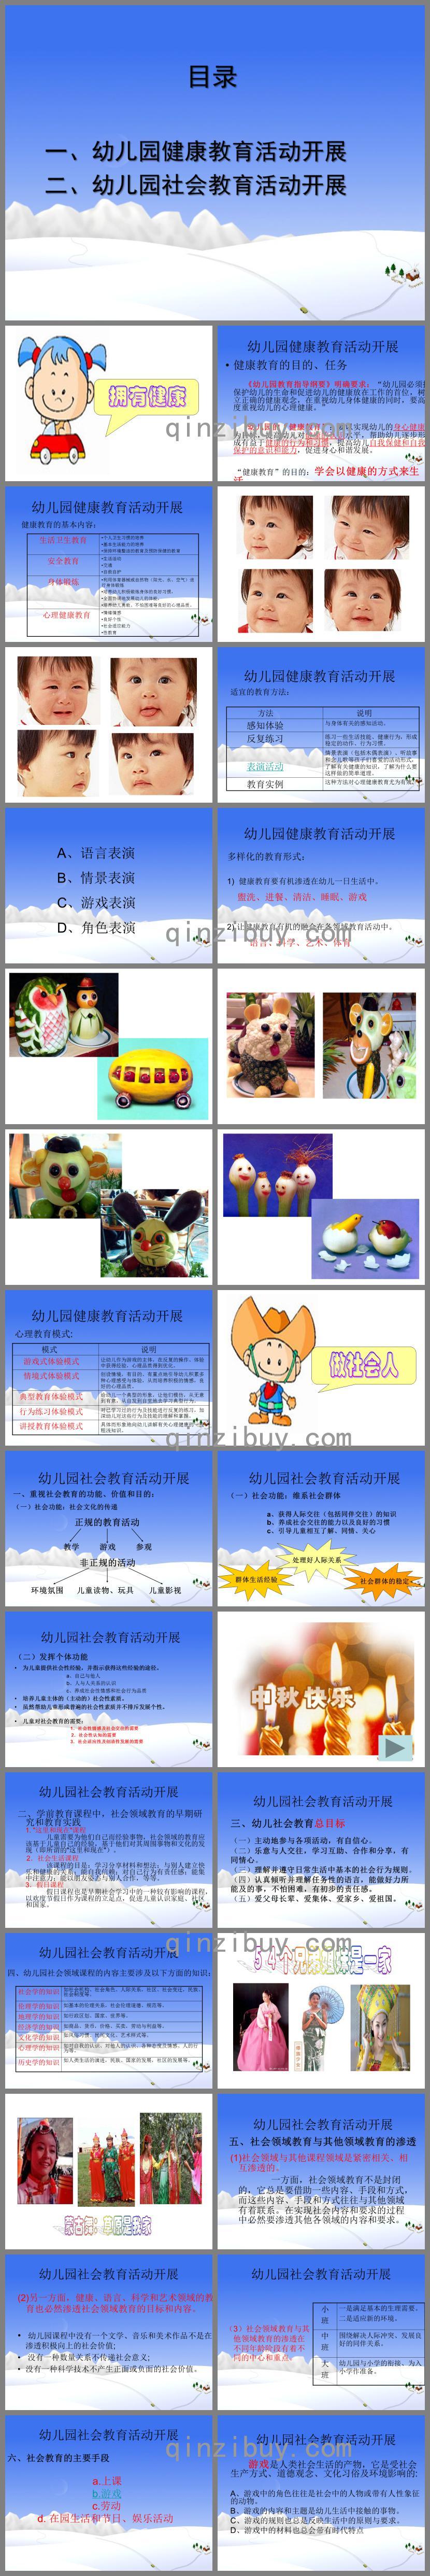 幼儿园适宜性课程(健康与社会领域)PPT课件